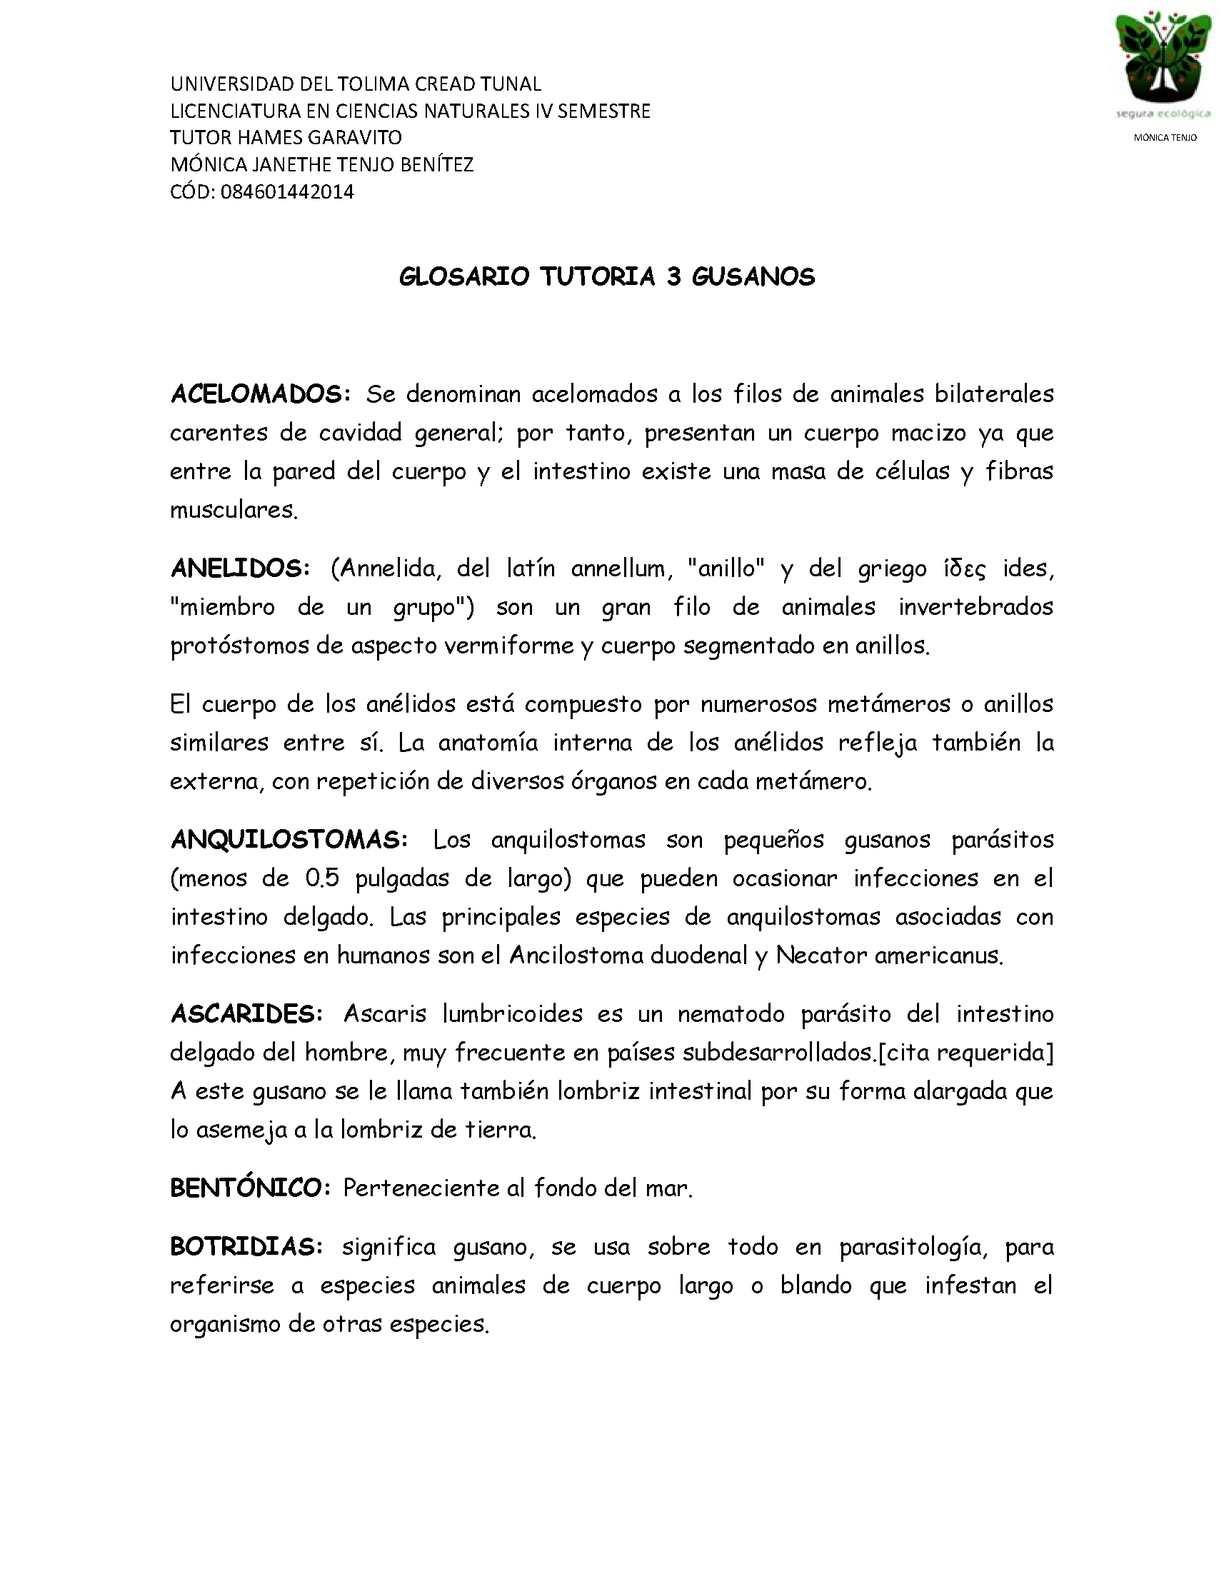 Calaméo - Glosario Tutorias 3